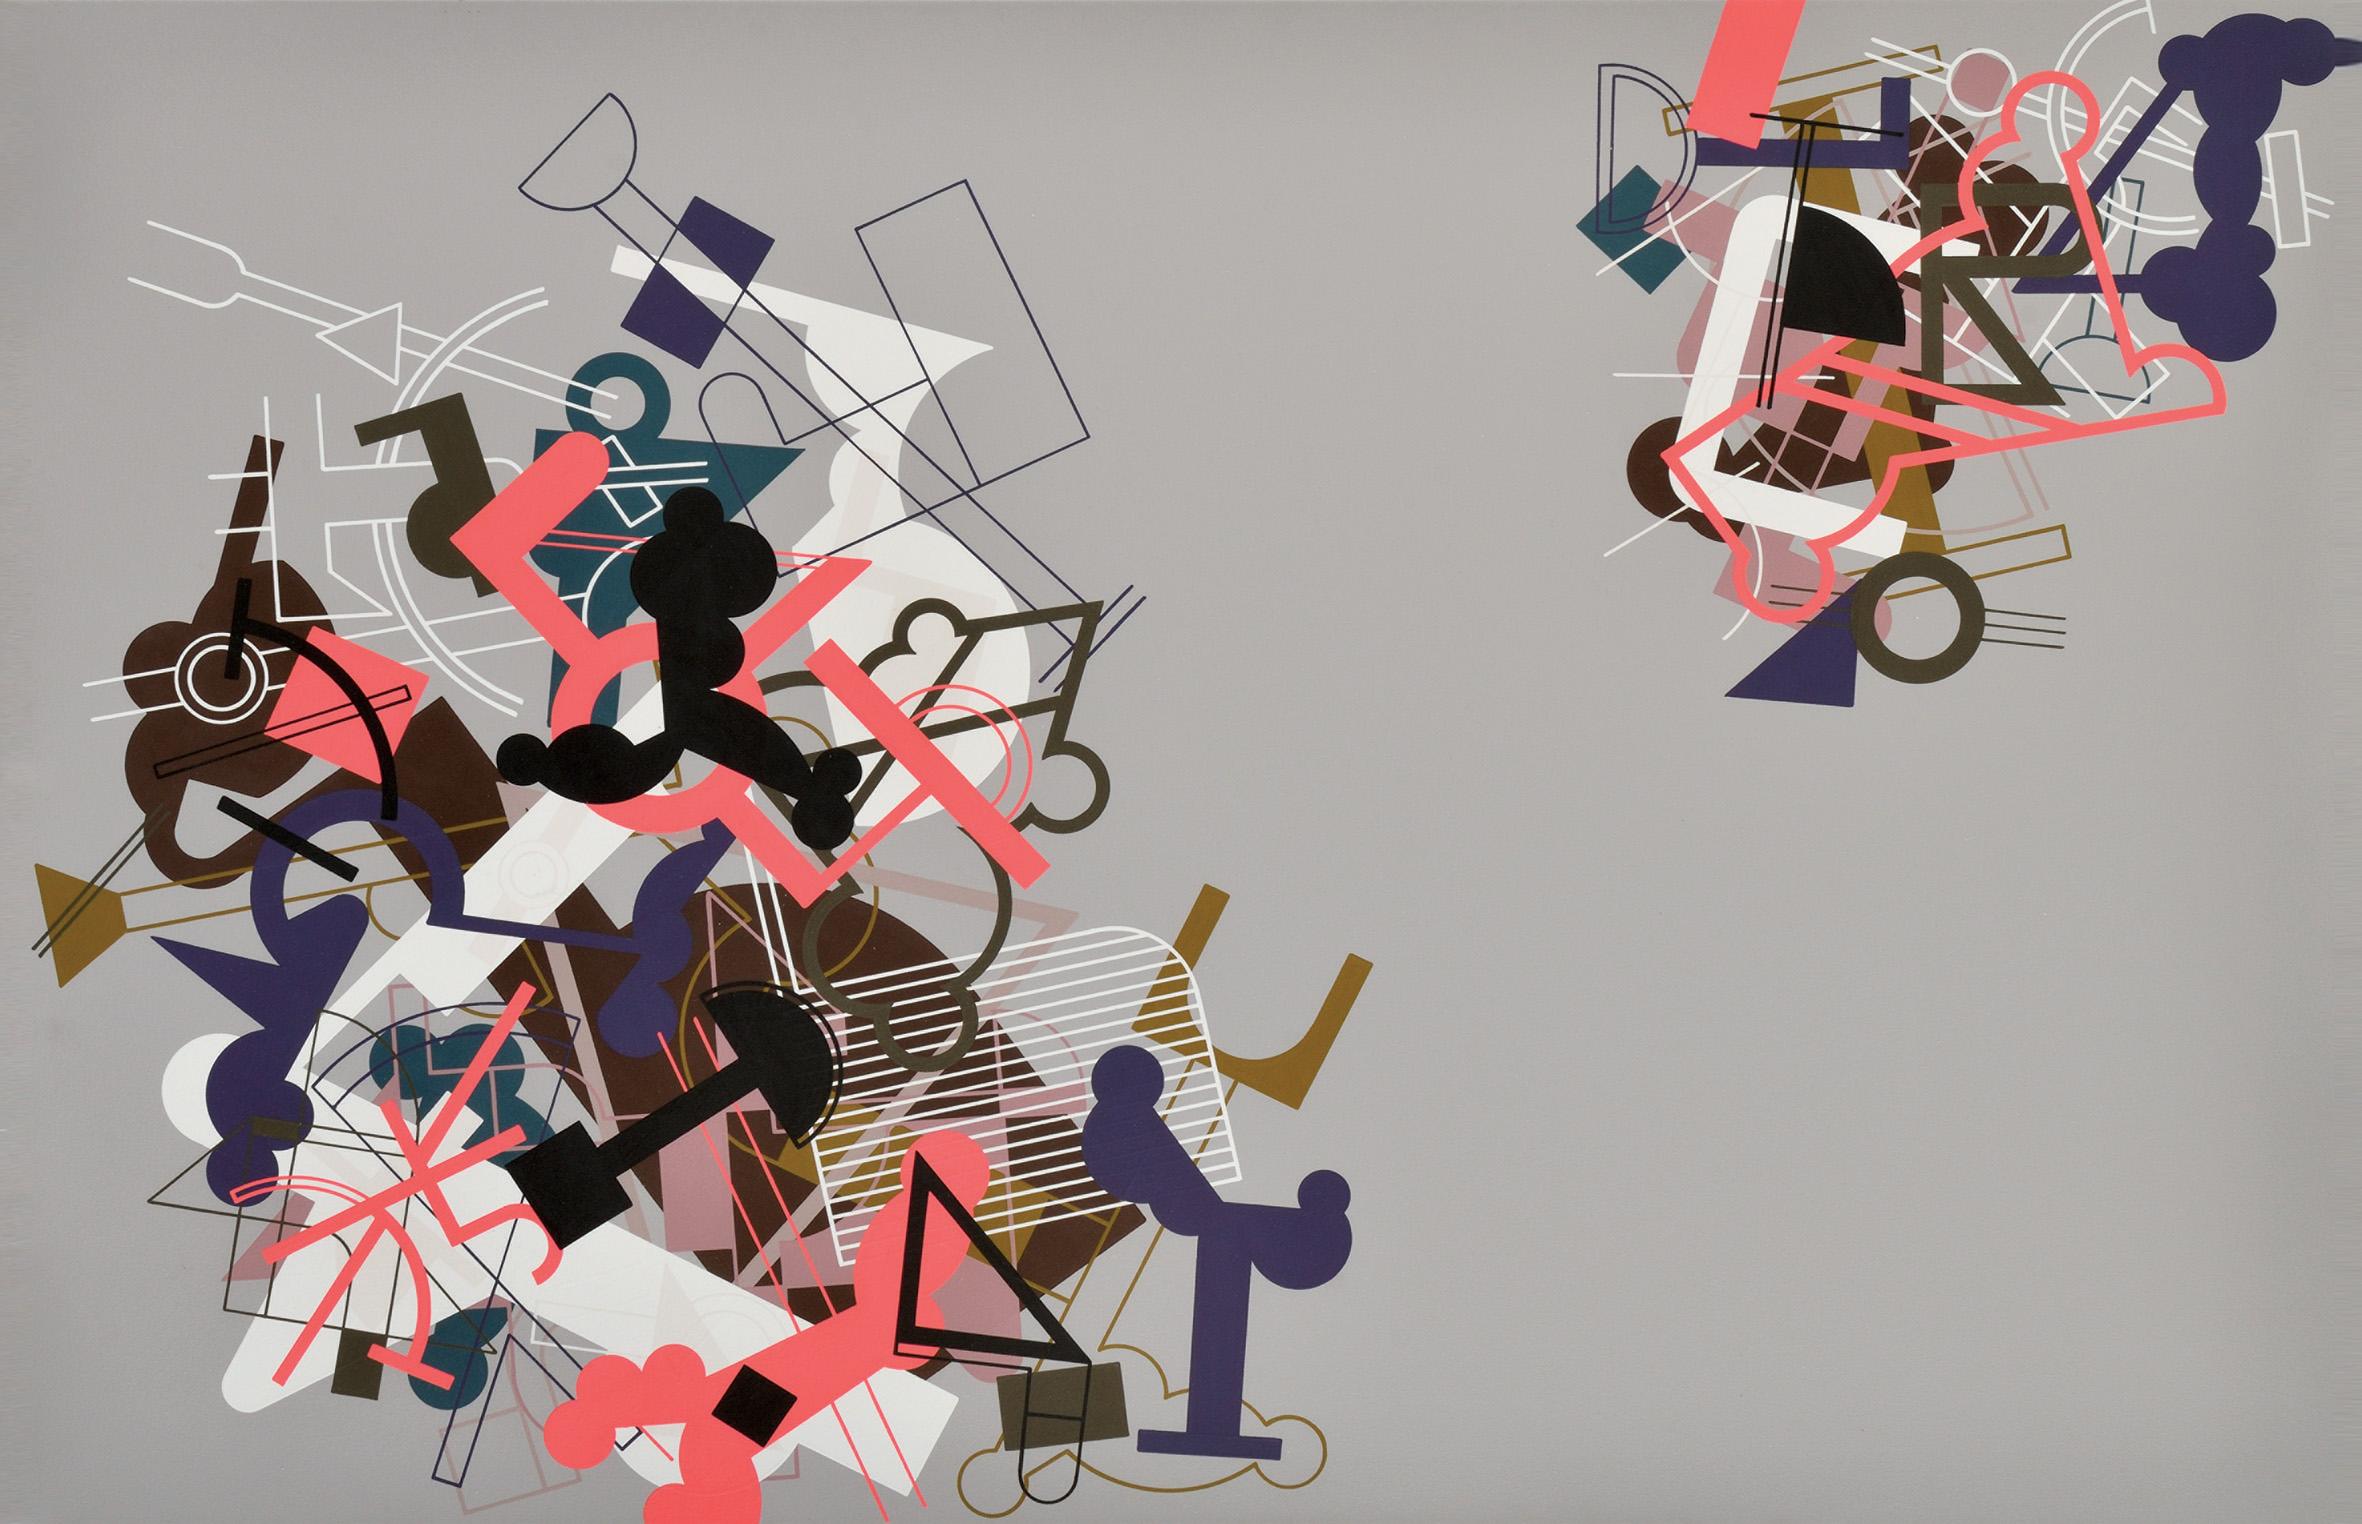 Disturbances 6, 2013, Acrylic on Canvas, 37 x 55 in (95 x 140 cm)